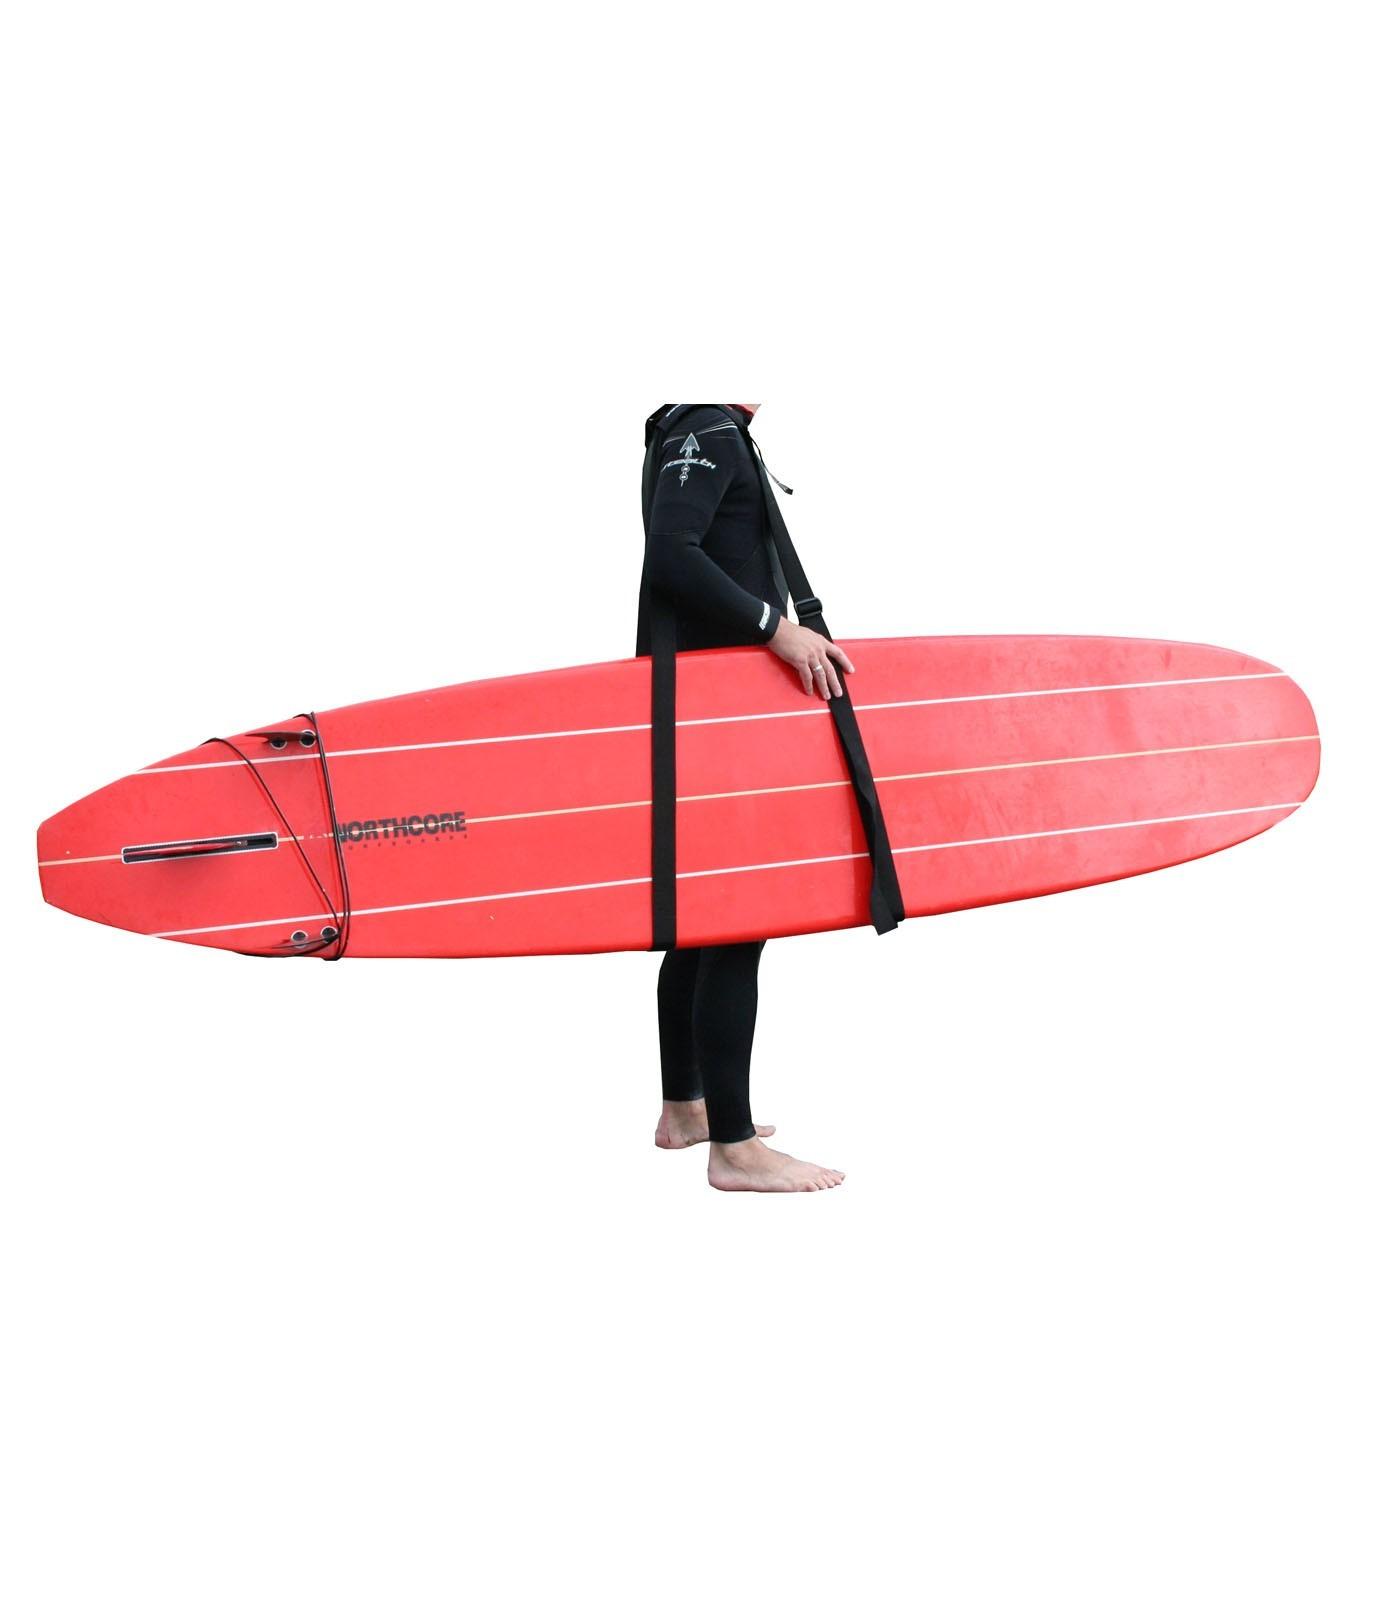 Sangle De Transport D/épaule N//V Sangle De Transport De Planche De Surf Sangle De Stand-up Paddle Sangle De Transport De Longueur R/églable pour Cano/ë De Planche /À Pagaie